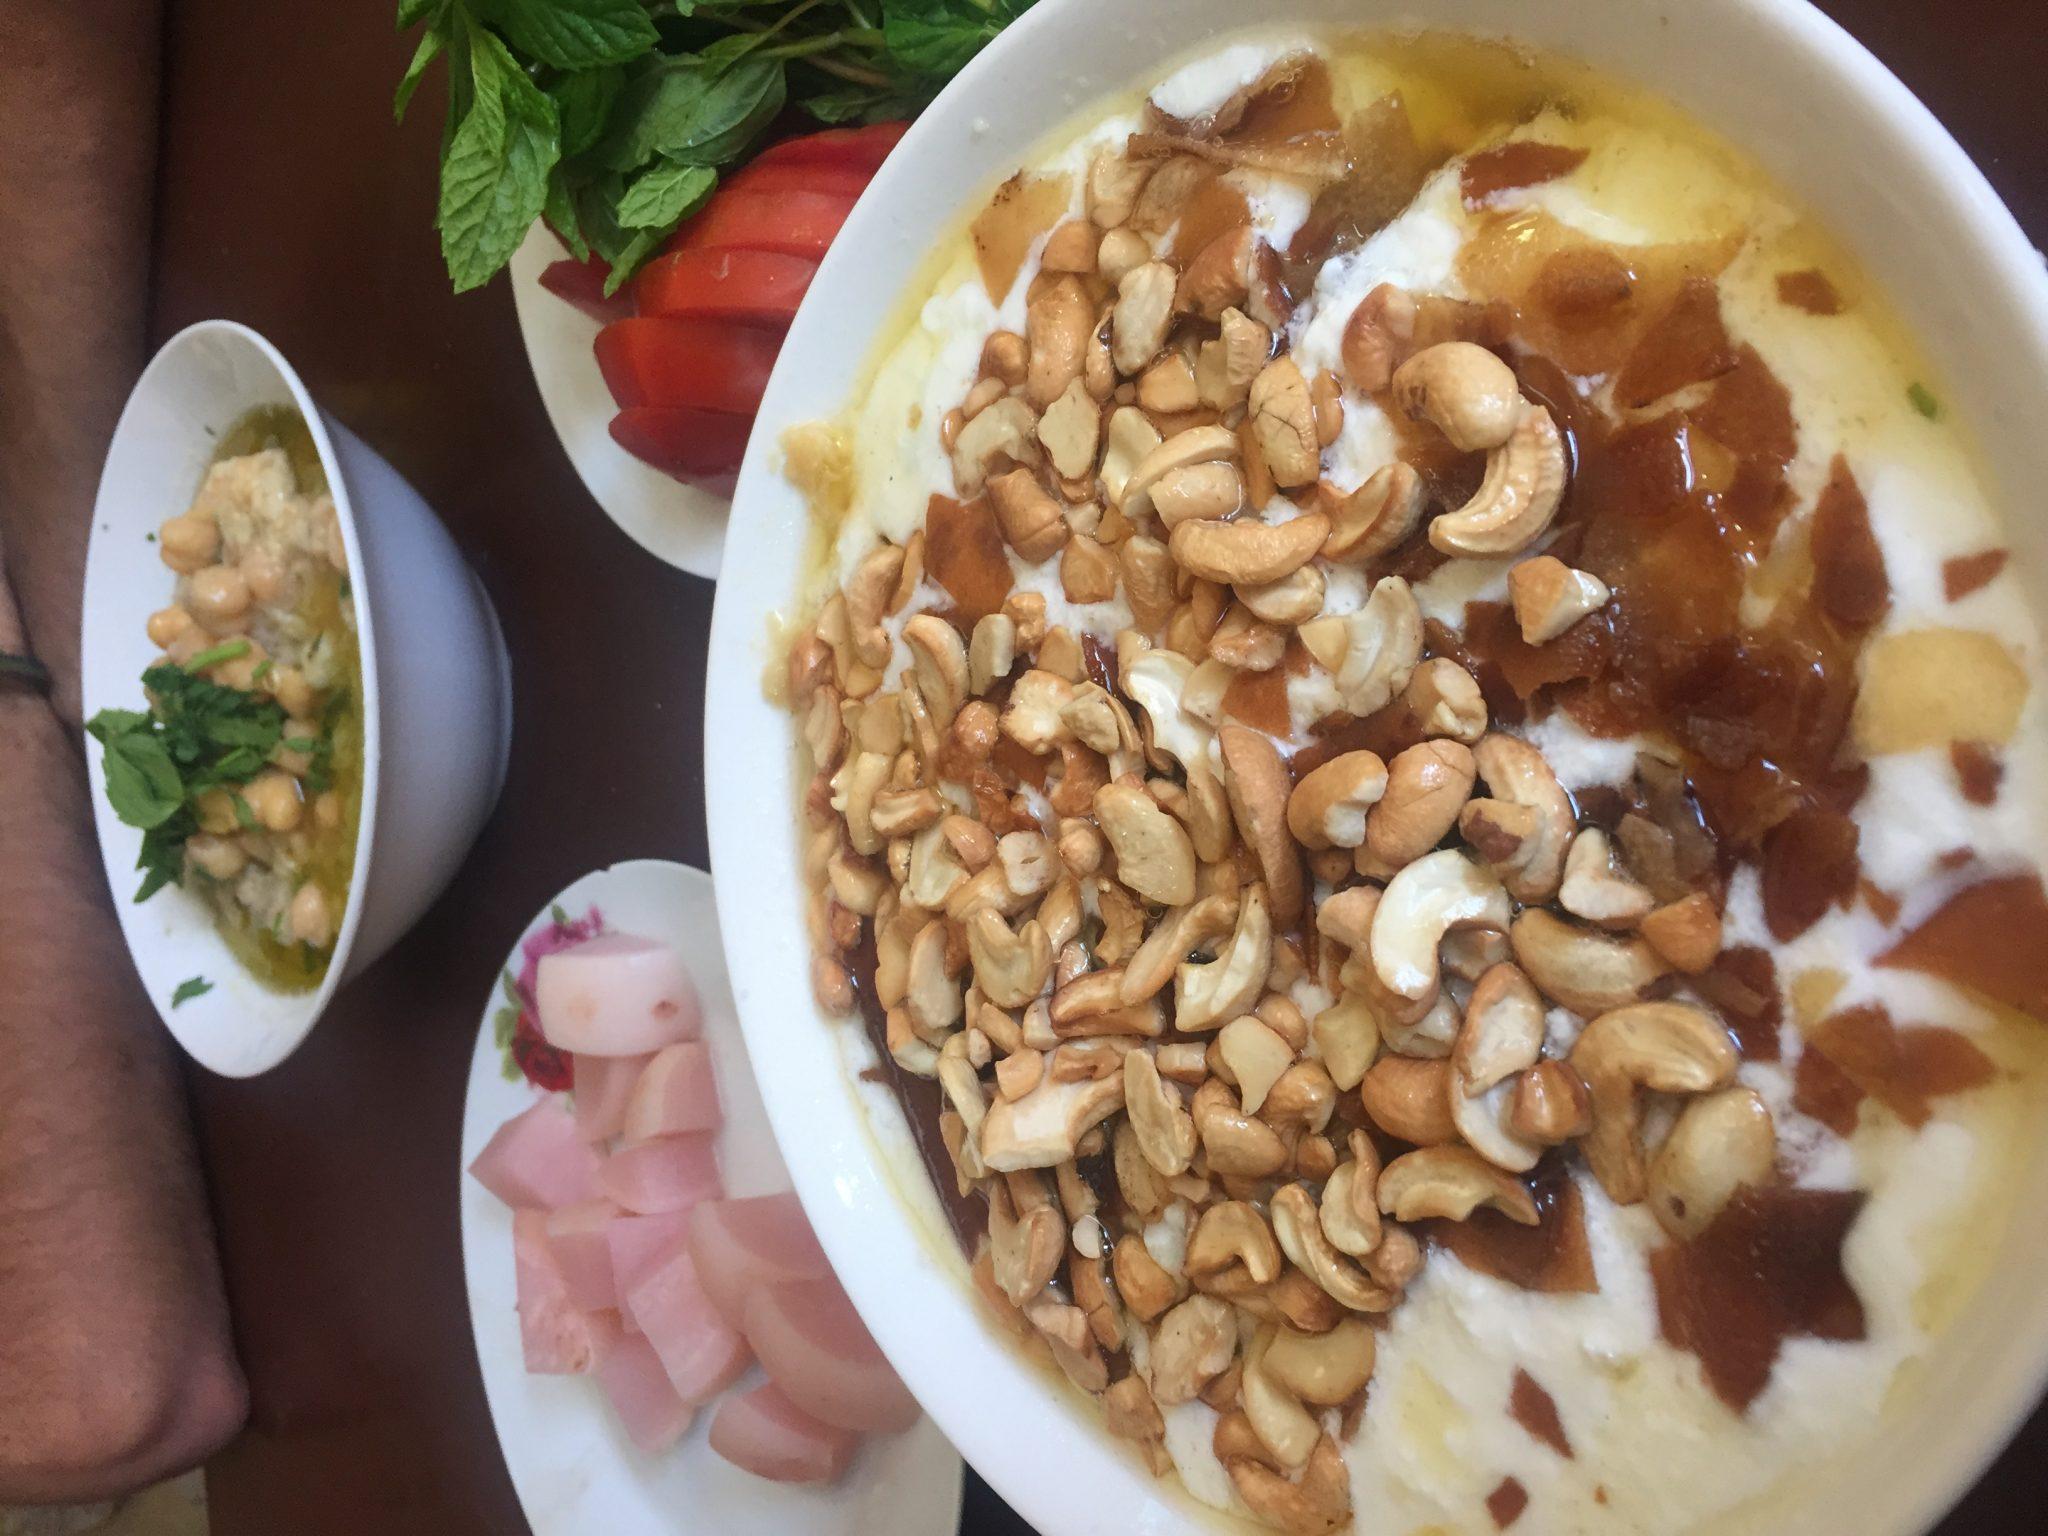 Plato de hummus acompañado de anacardos y pan de pita crujiente